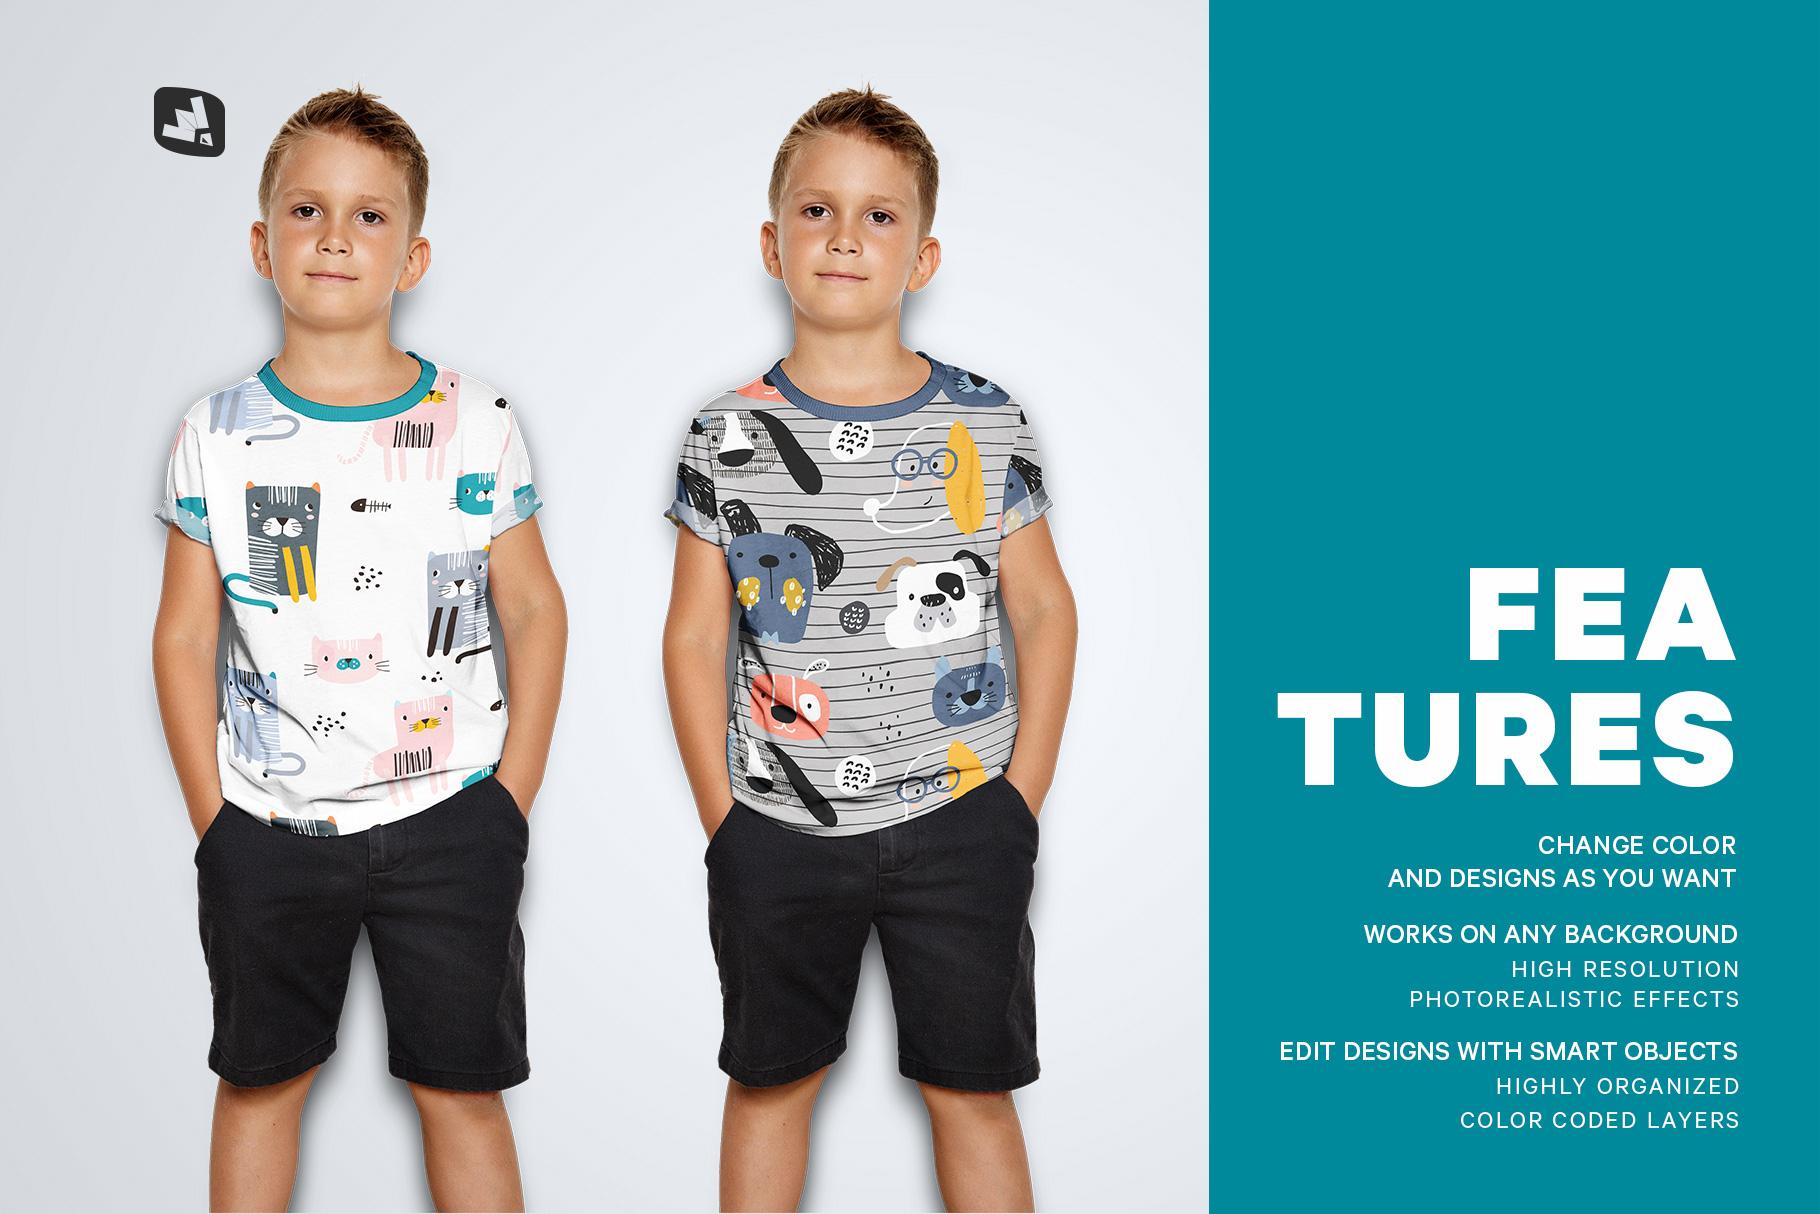 features of the kid's half sleeve tshirt mockup